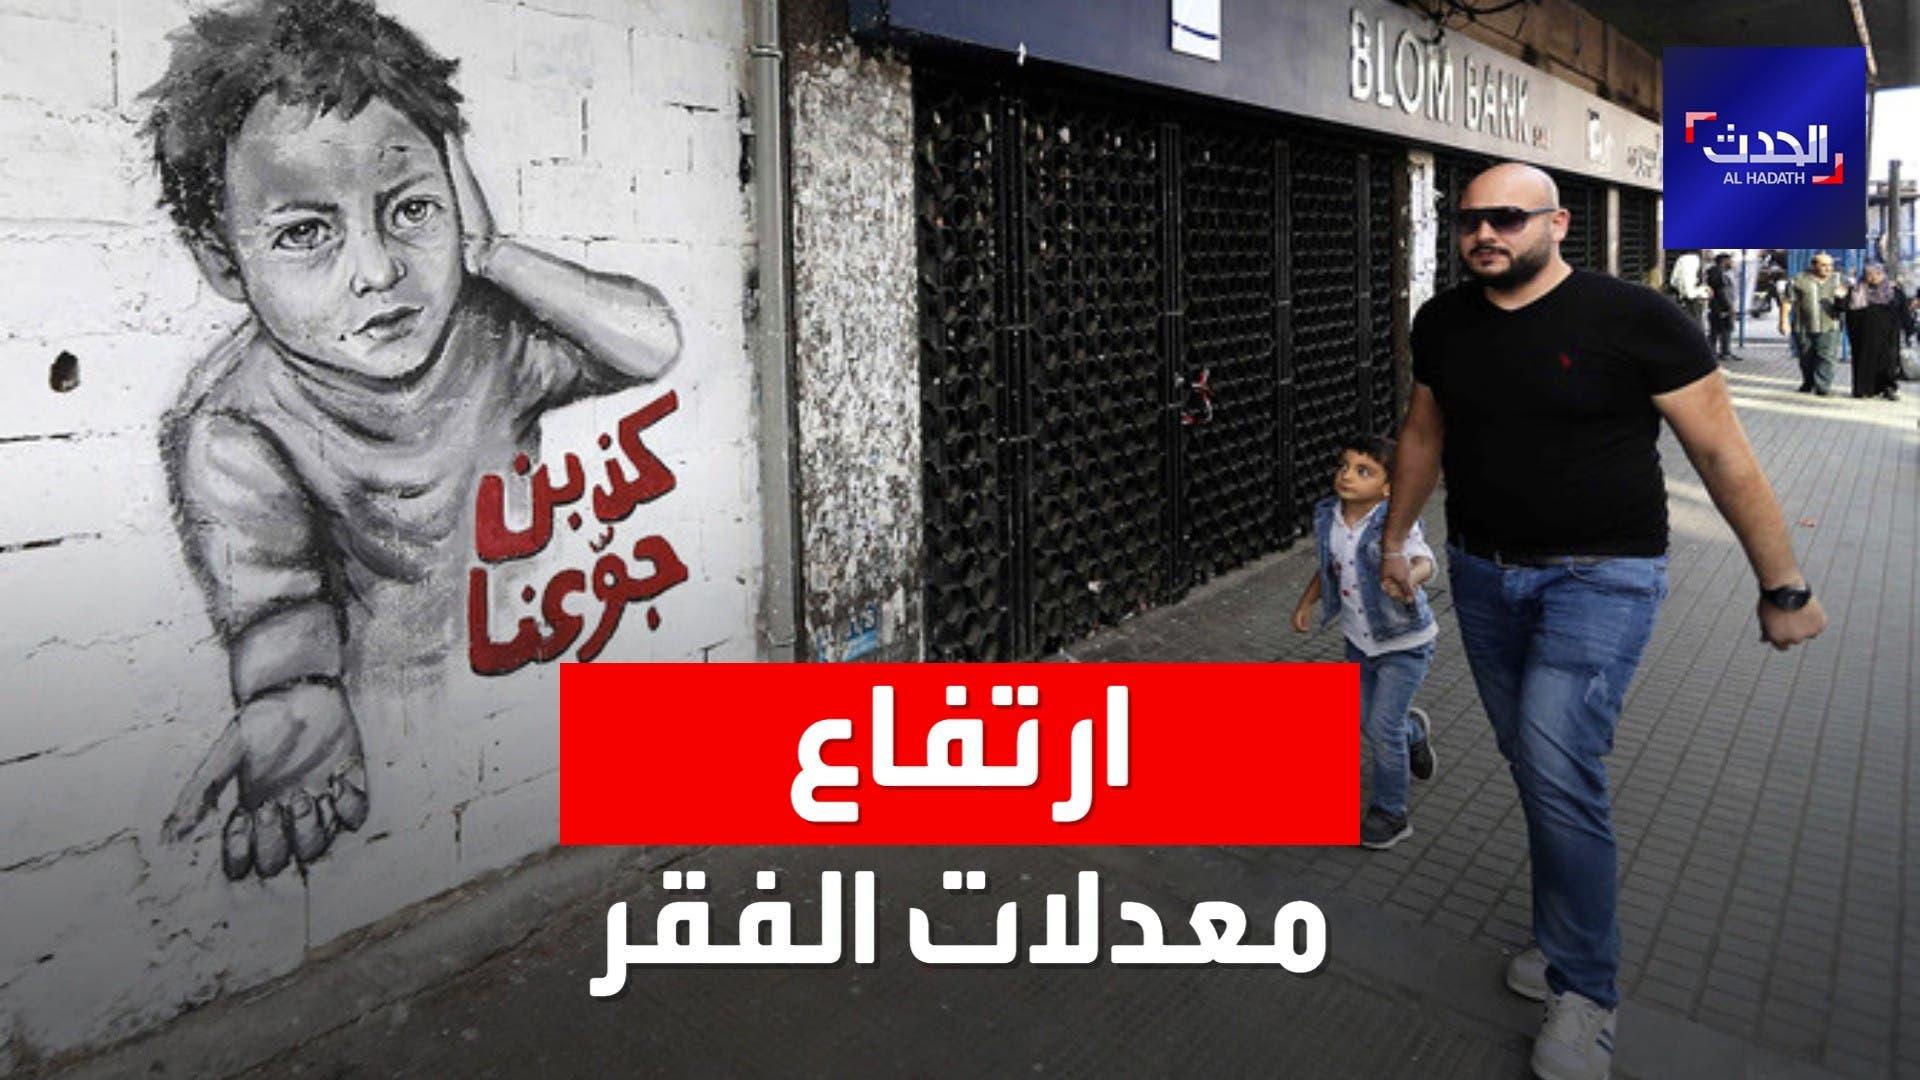 الإسكوا: عدد الفقراء في لبنان تخطى حاجز المليونين و700 ألف شخص